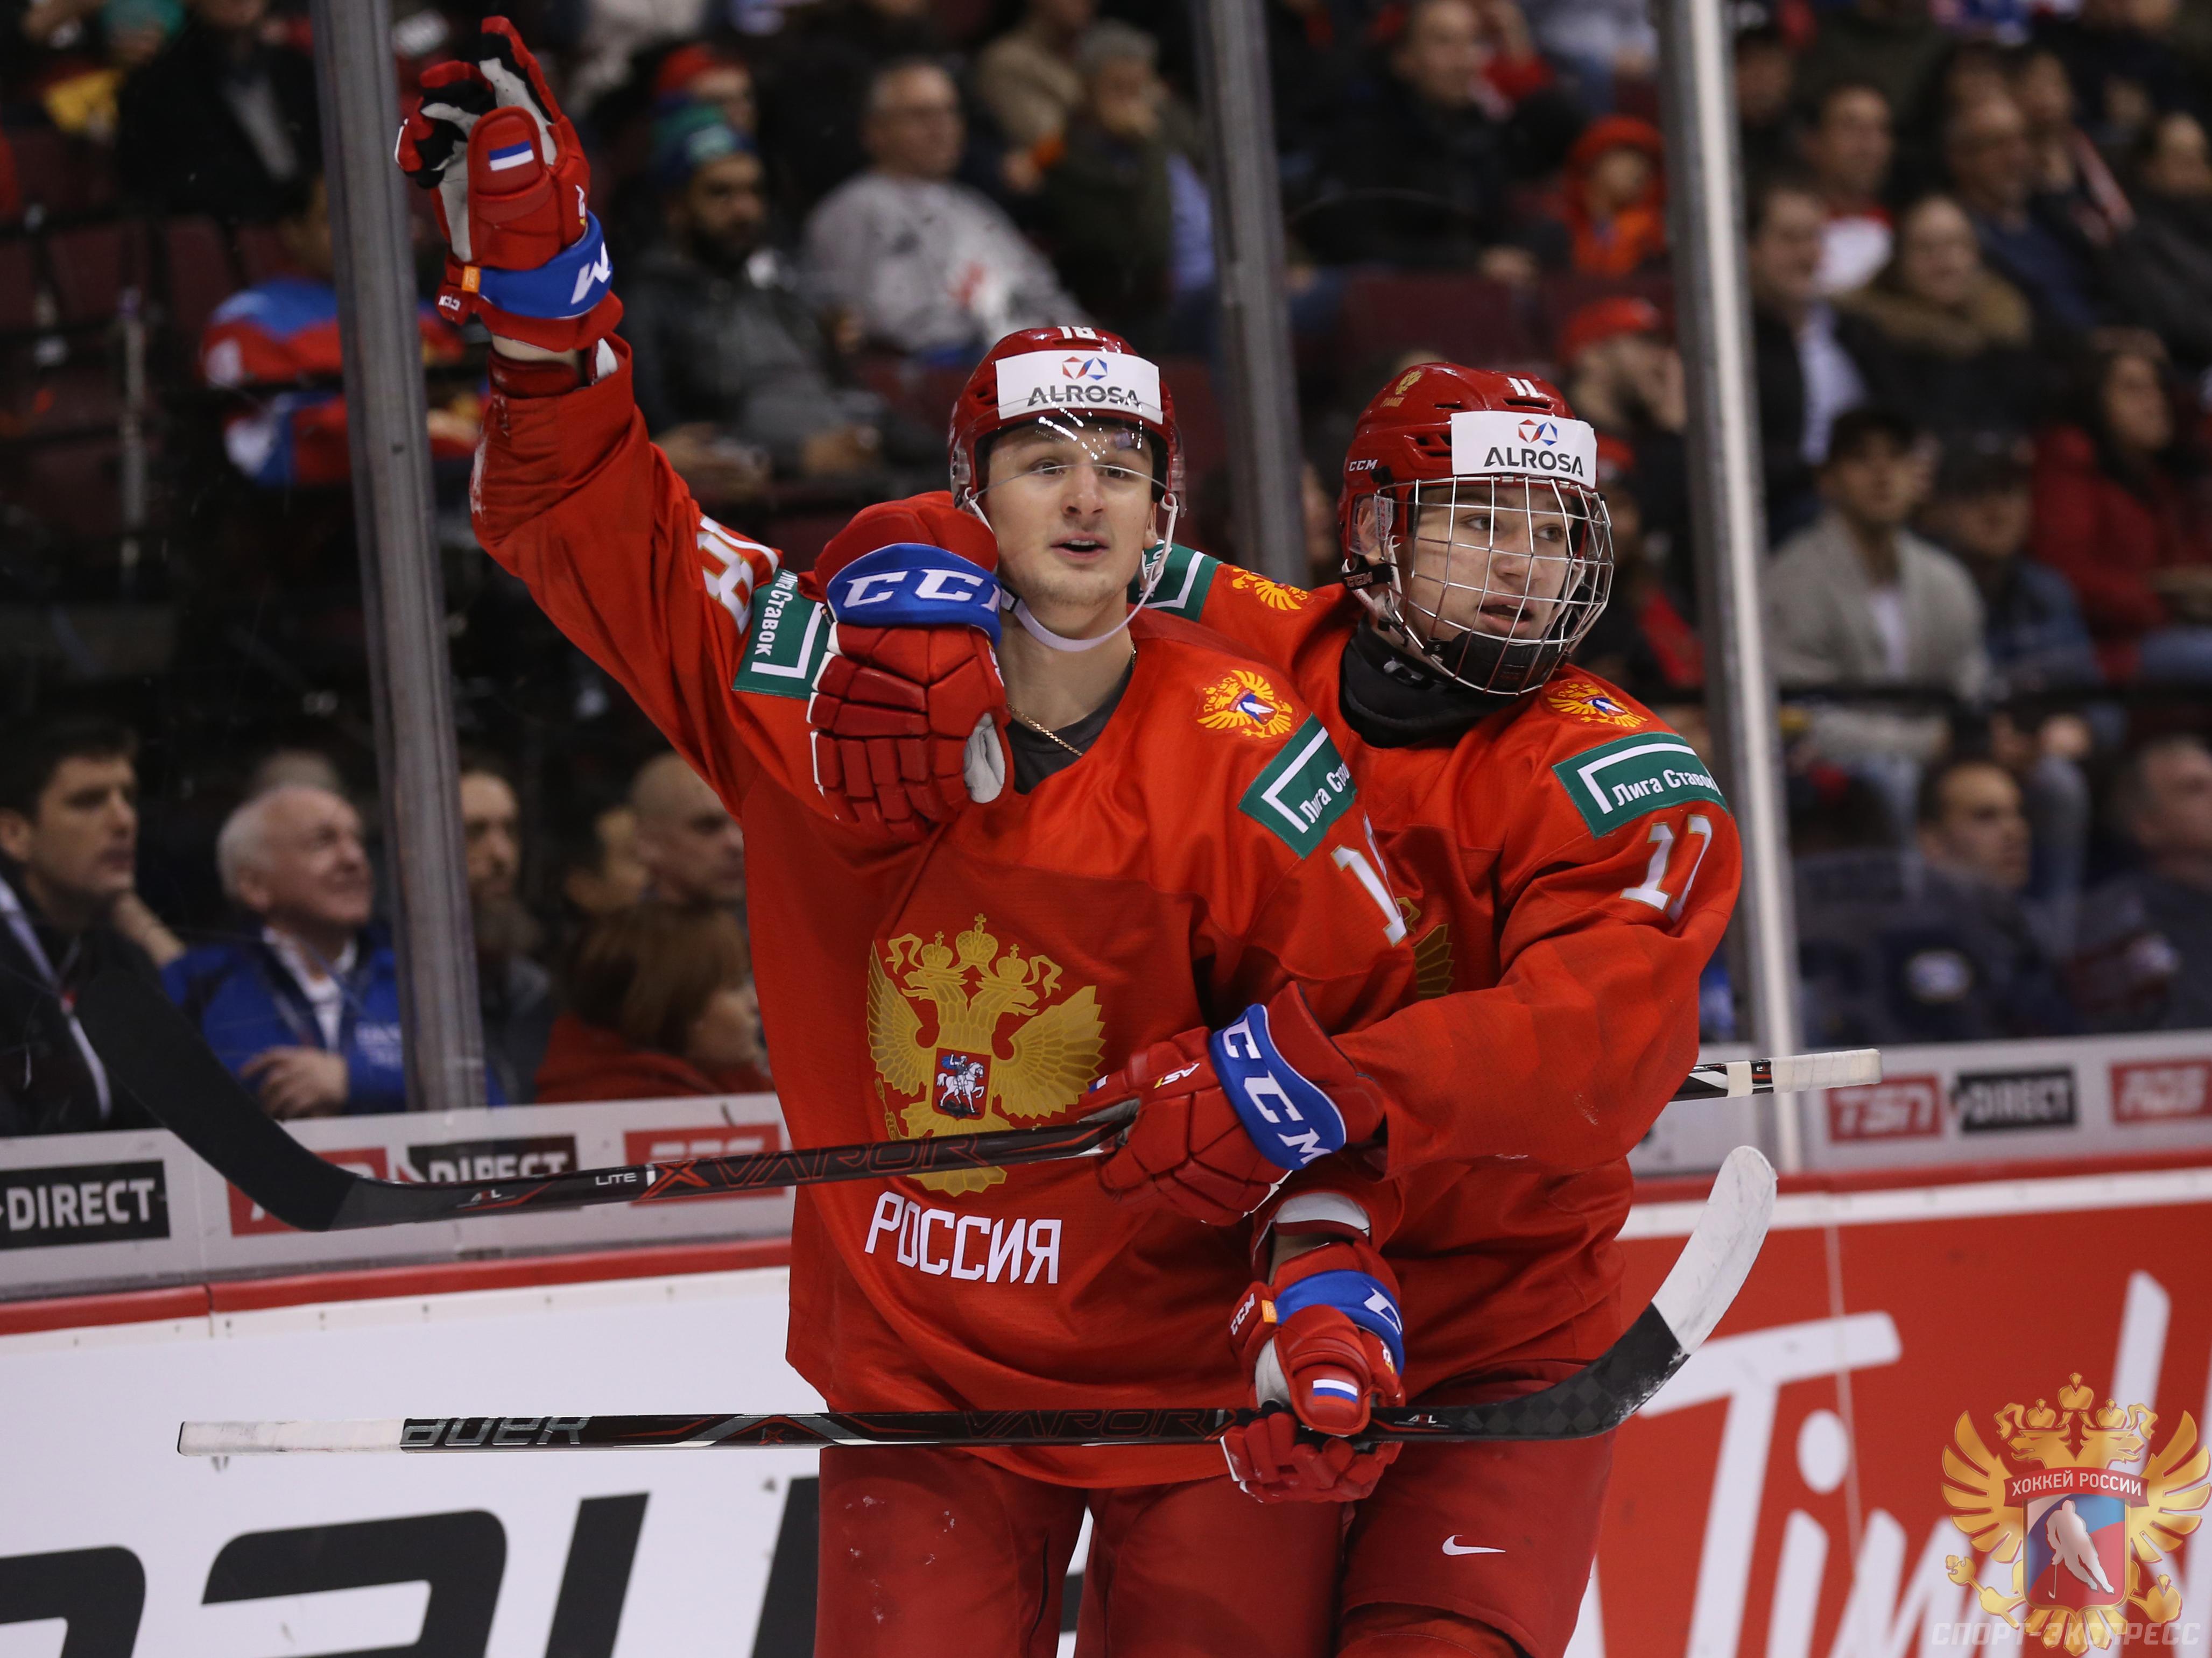 Канада словакия хоккей 2019 онлайн казахстанский диплом в европе